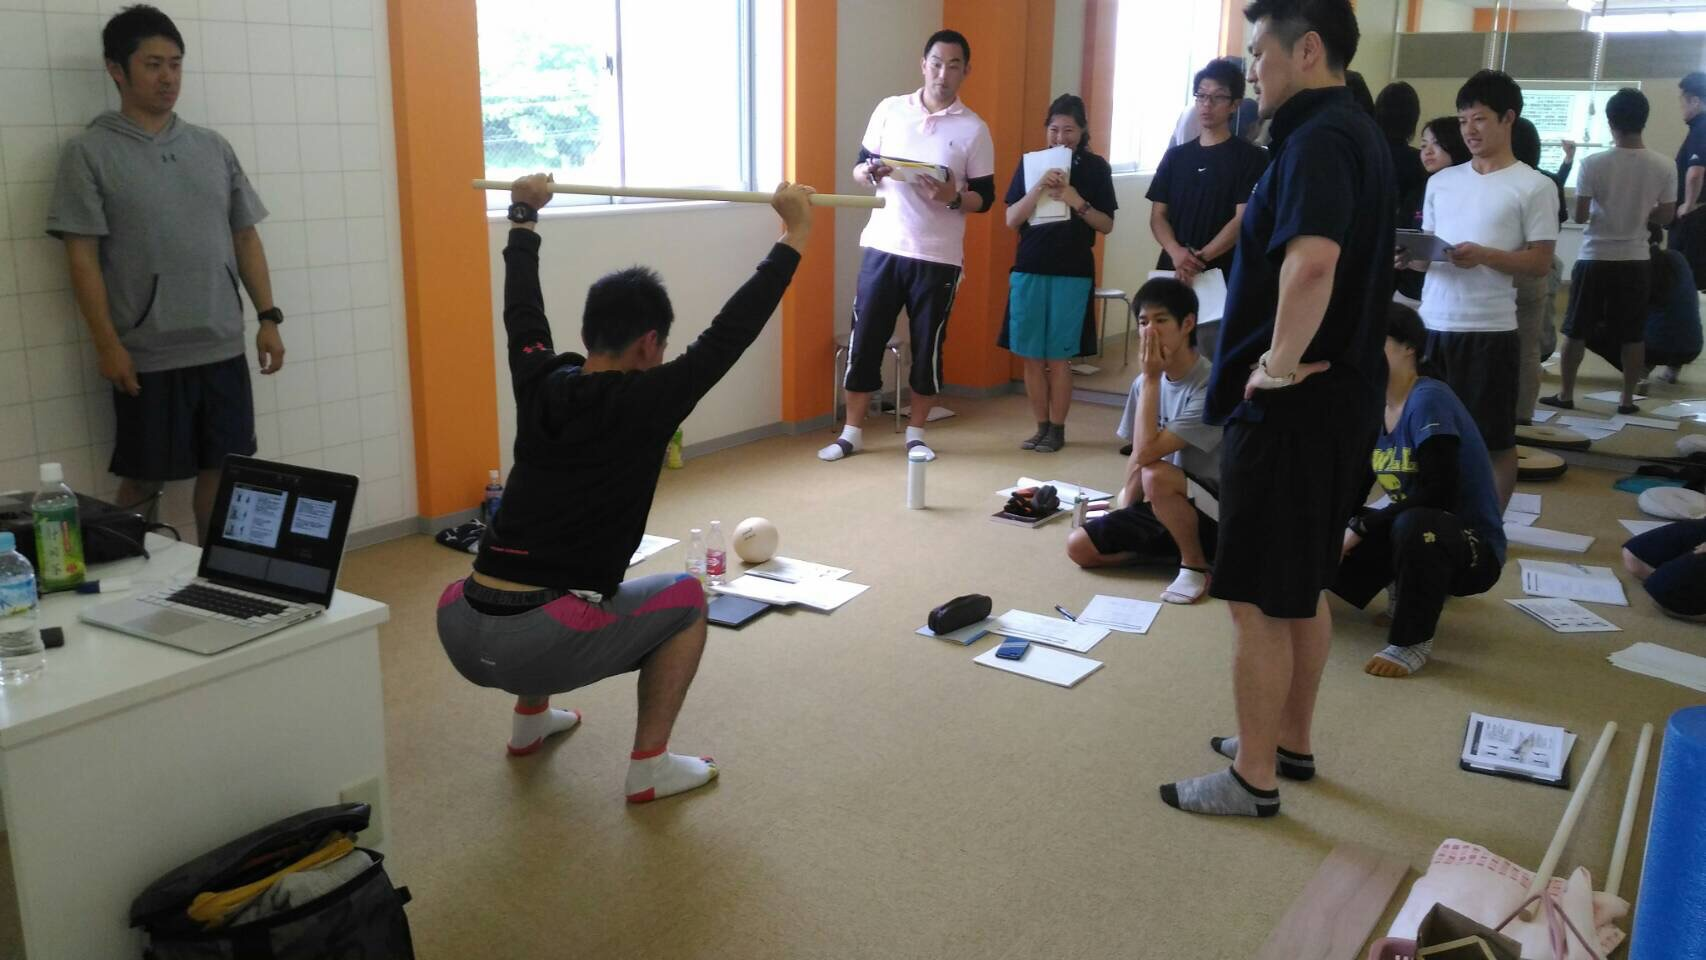 愛知県で動作評価についての研修を行ってきました!